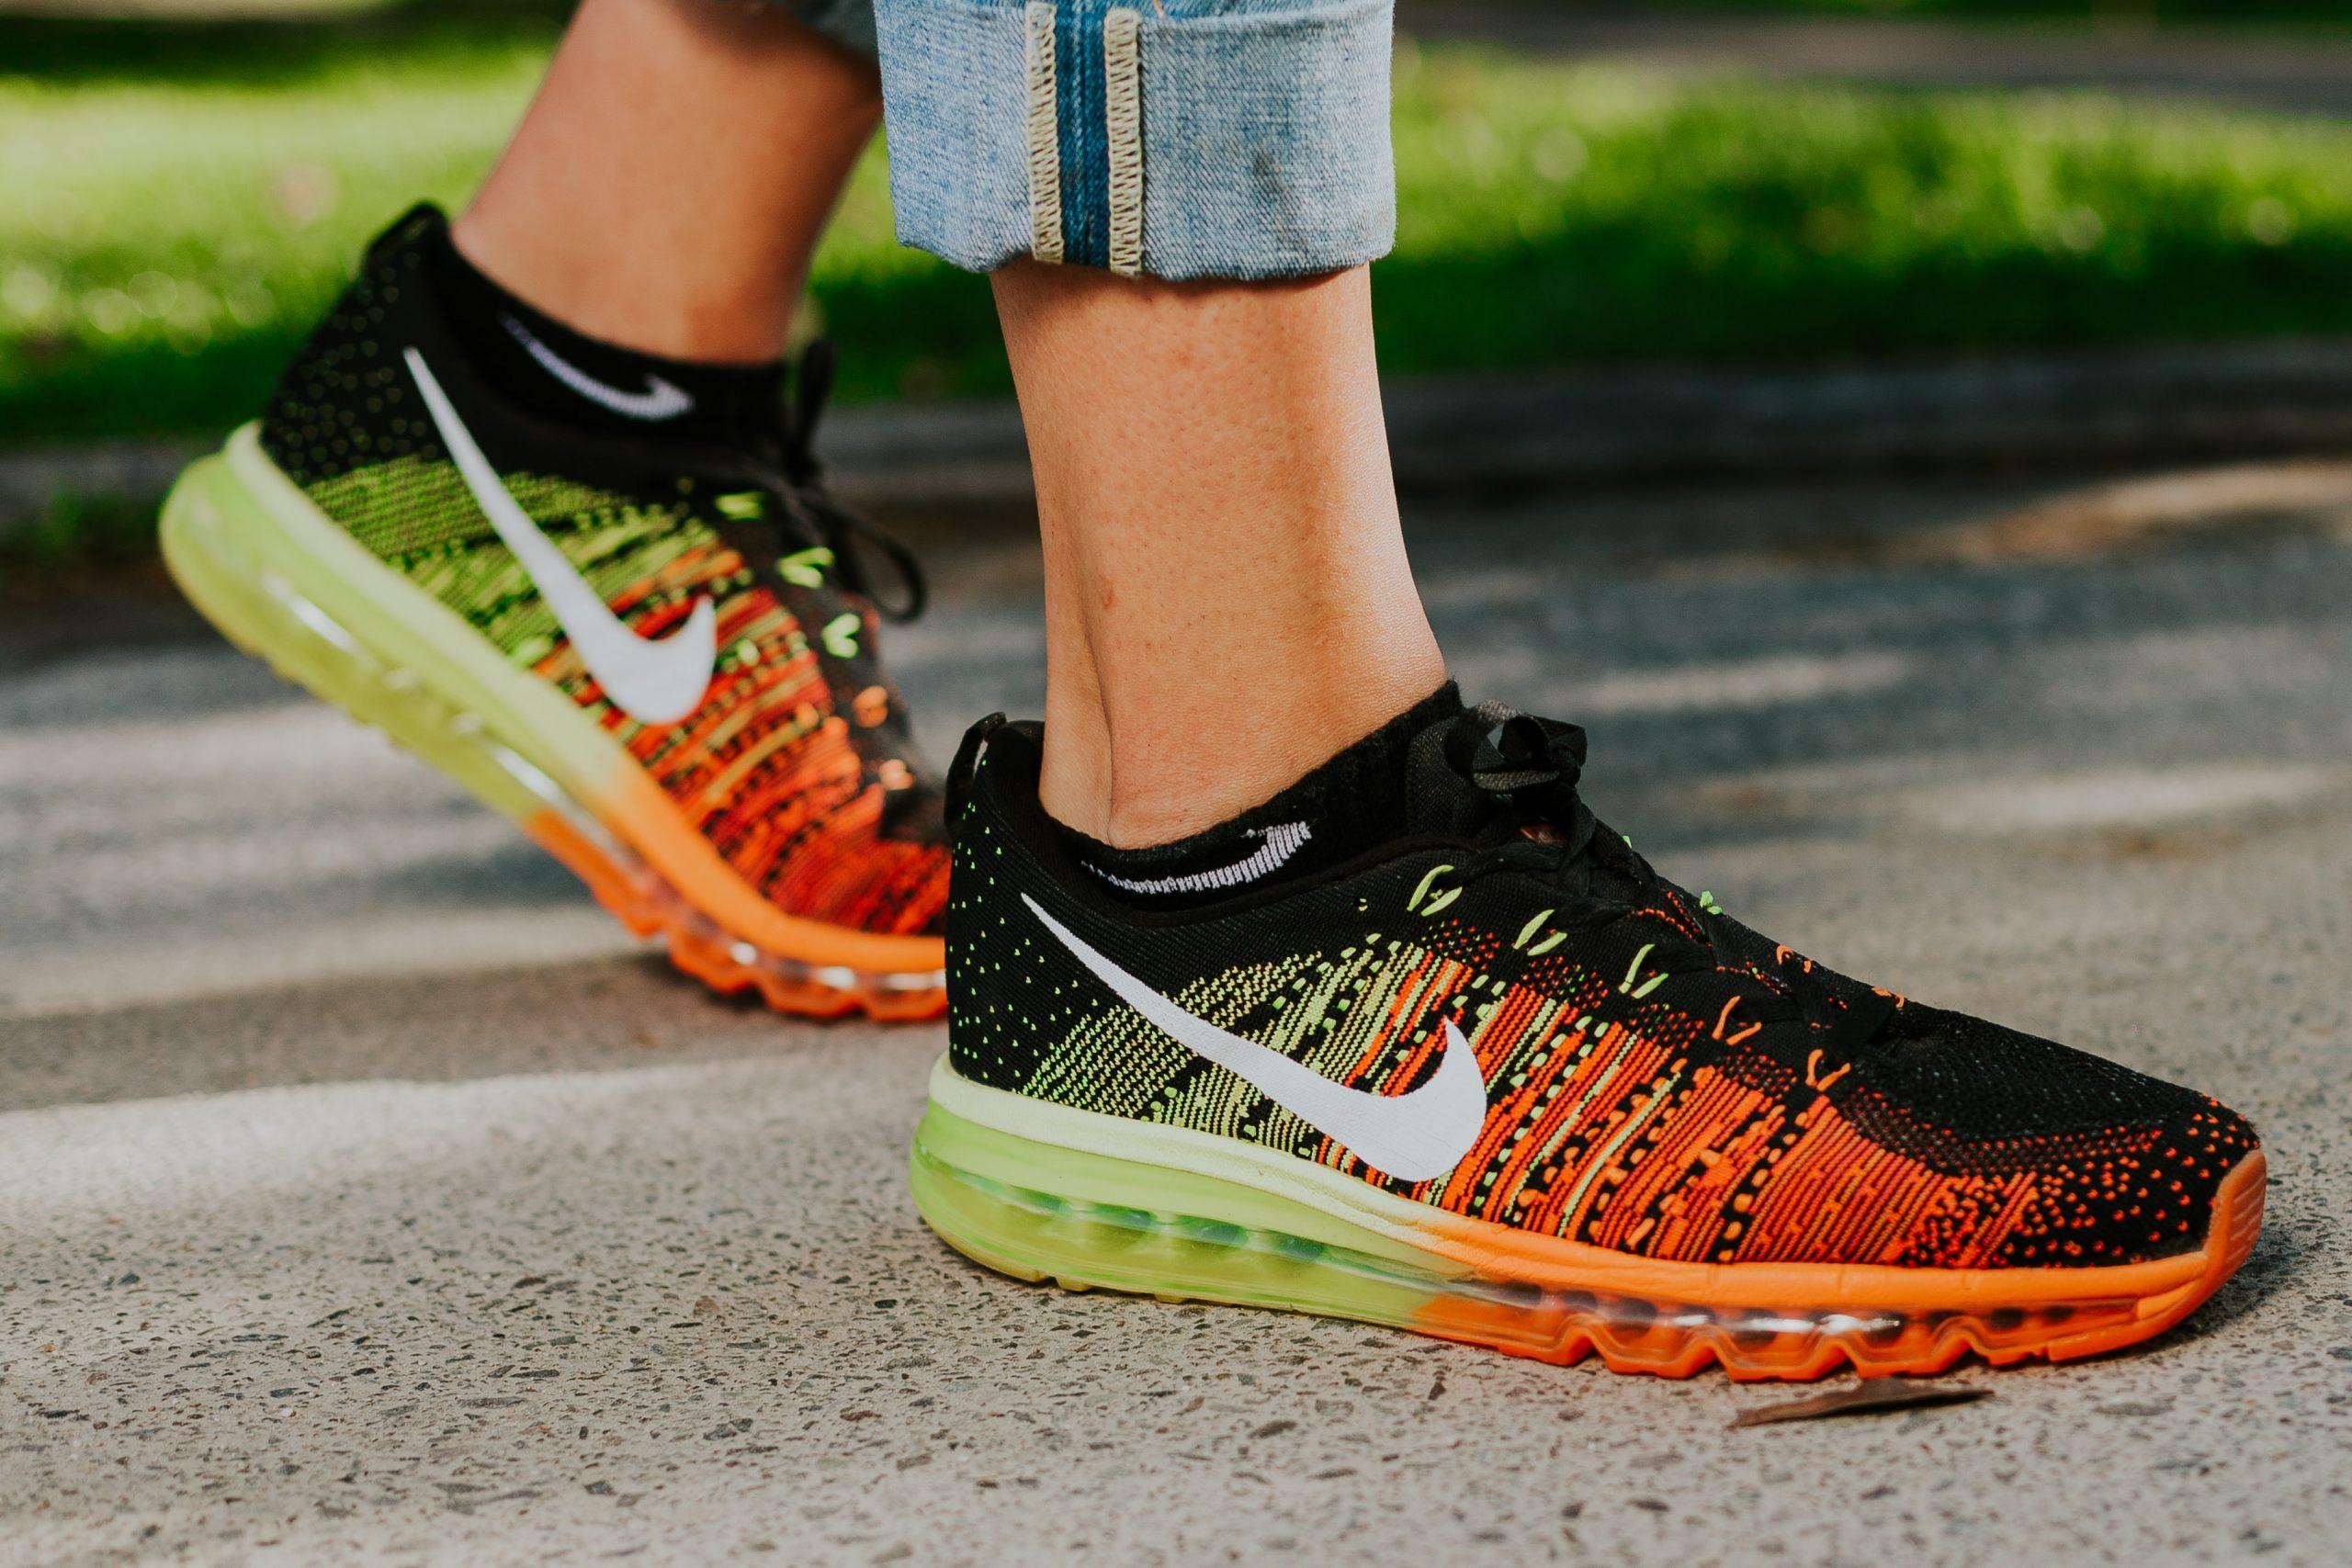 Zapatillas Nike: ¿Cuáles son las mejores del 2021?